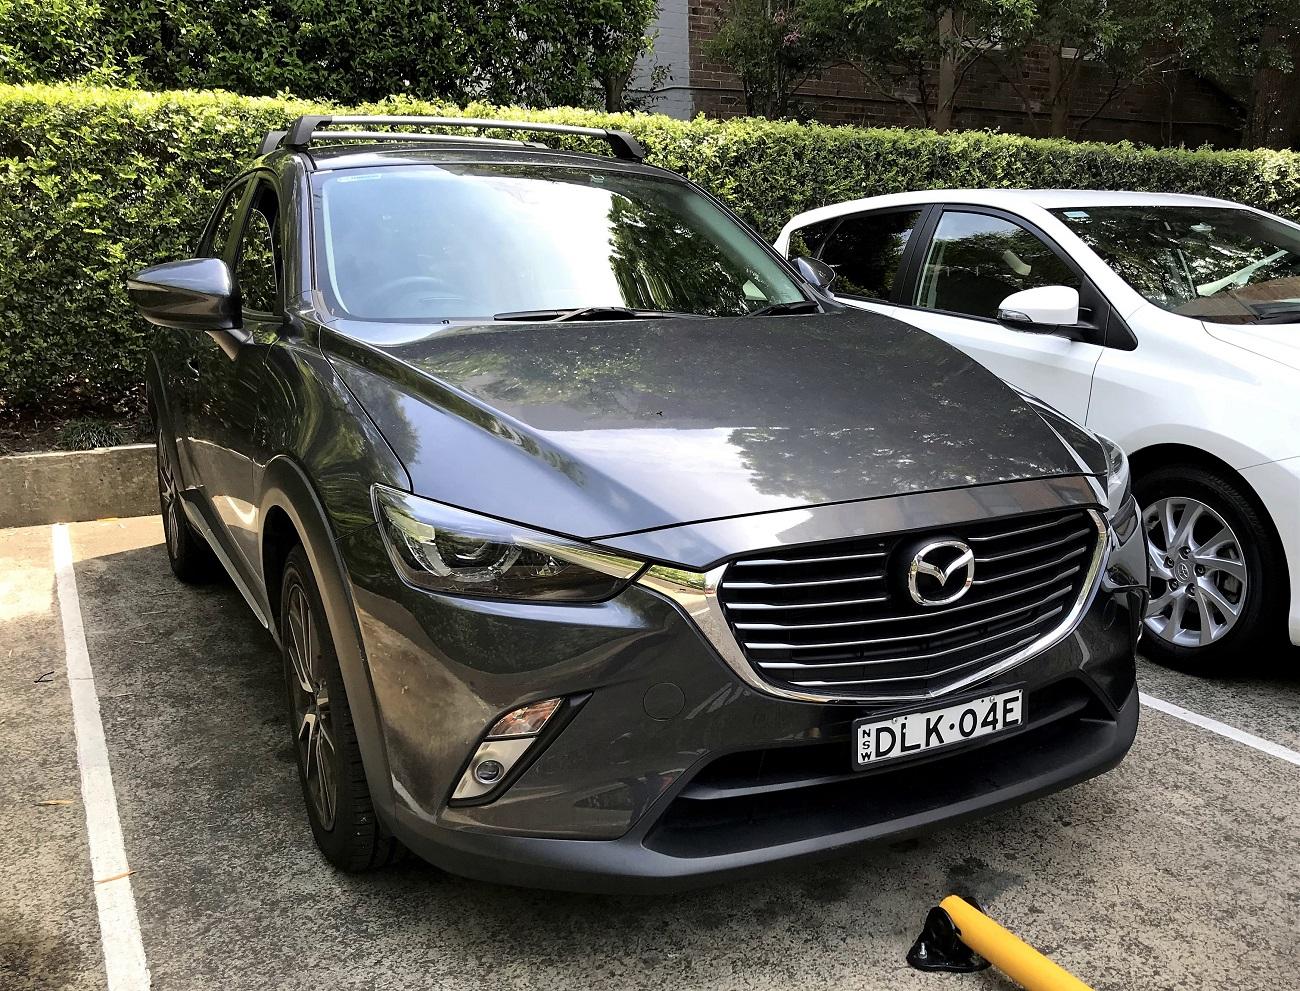 Picture of Camilla's 2016 Mazda CX3